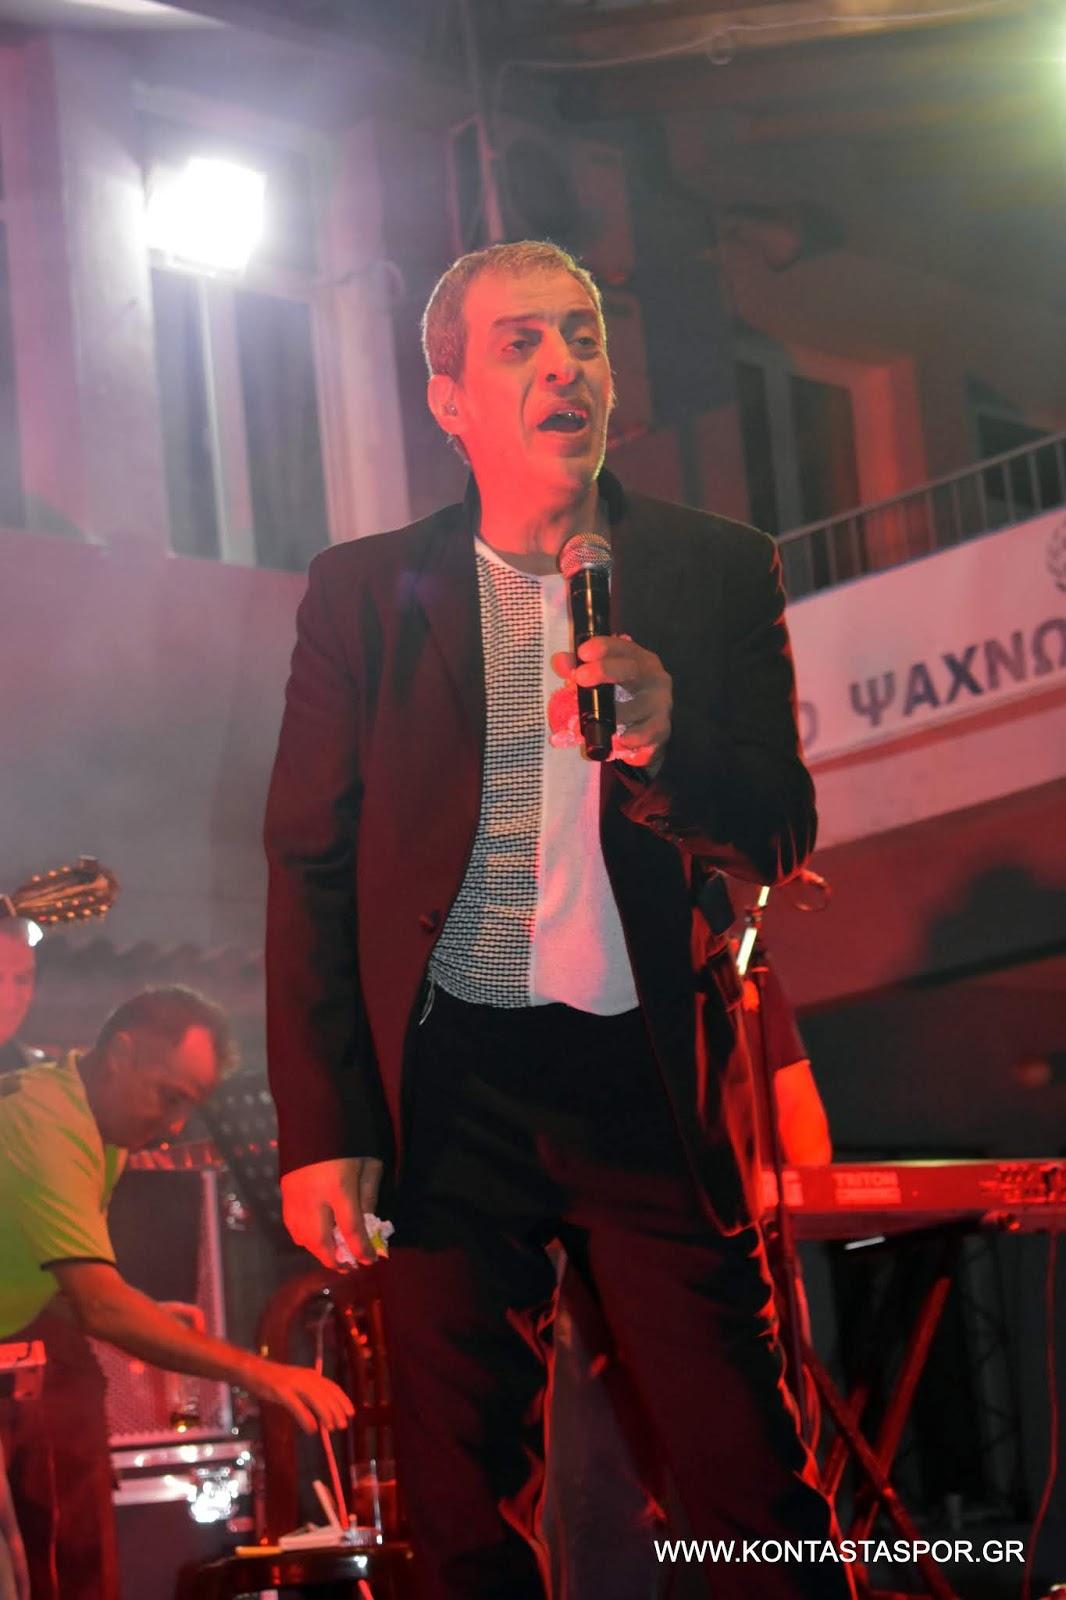 Με επιτυχία η λαική βραδιά  Αδαμαντίδη στα Ψαχνά (φωτογραφίες) 1 DSC 0199